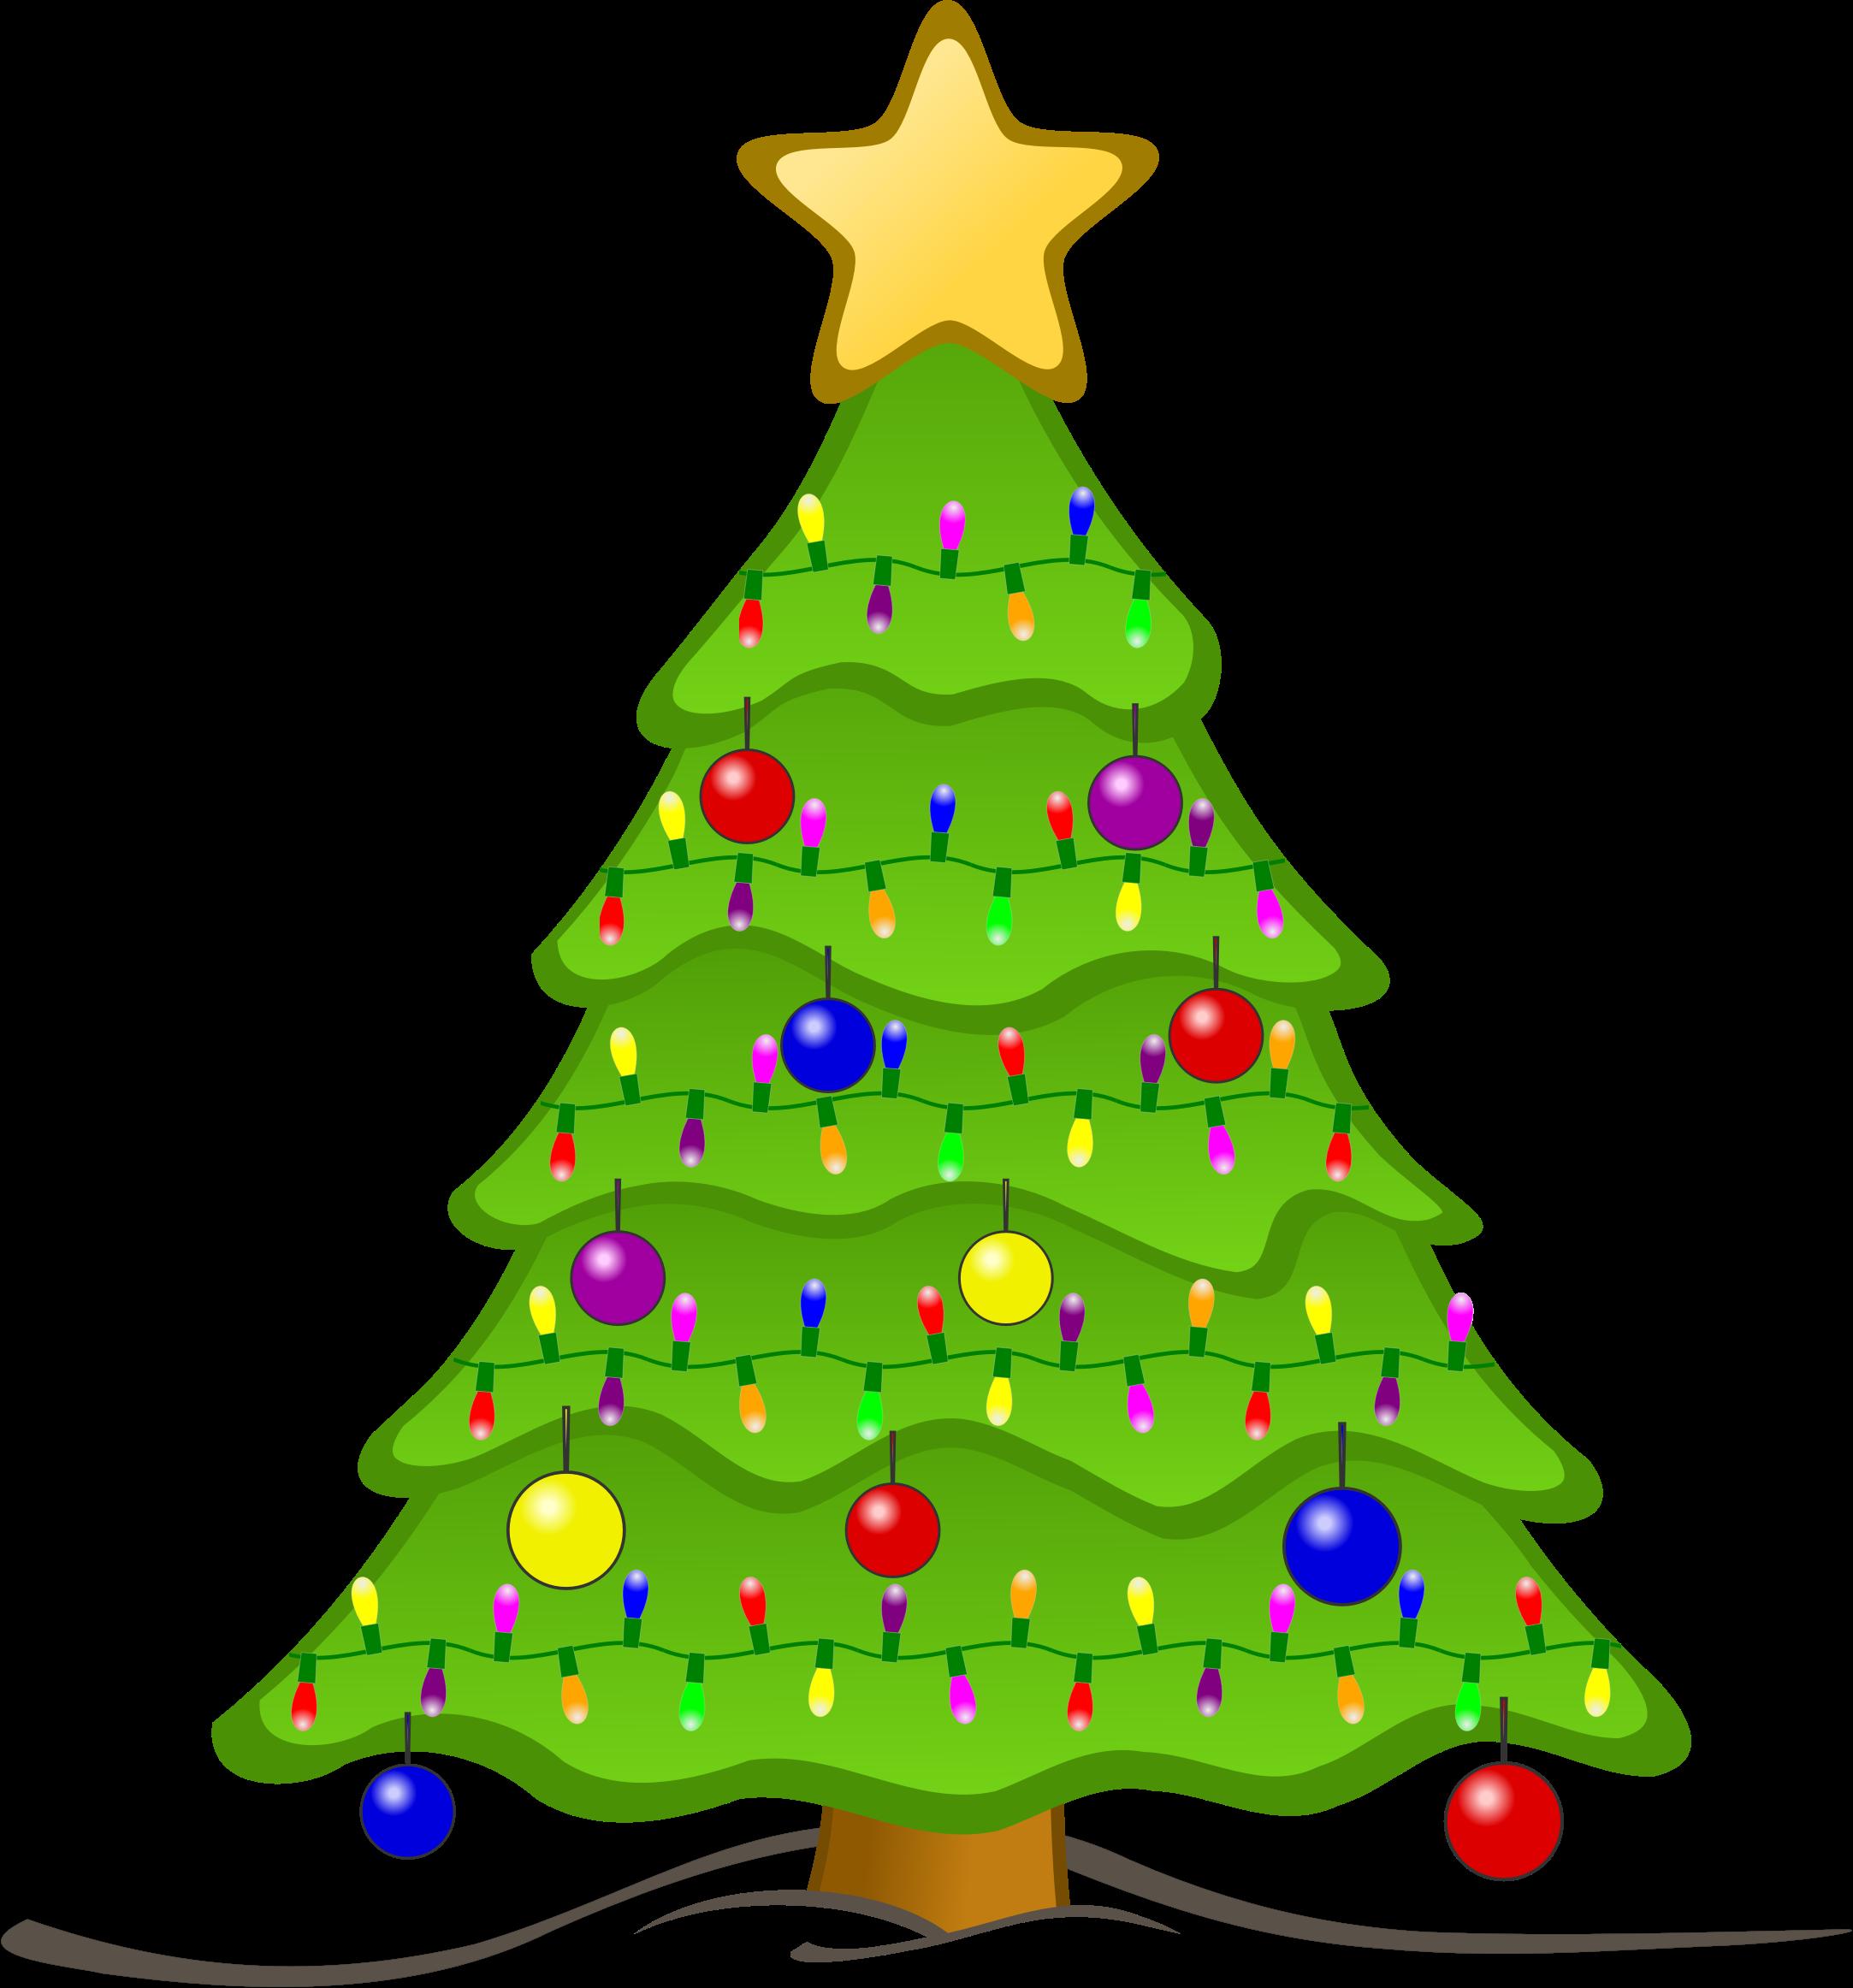 Animated christmas big image. Tree clipart animation